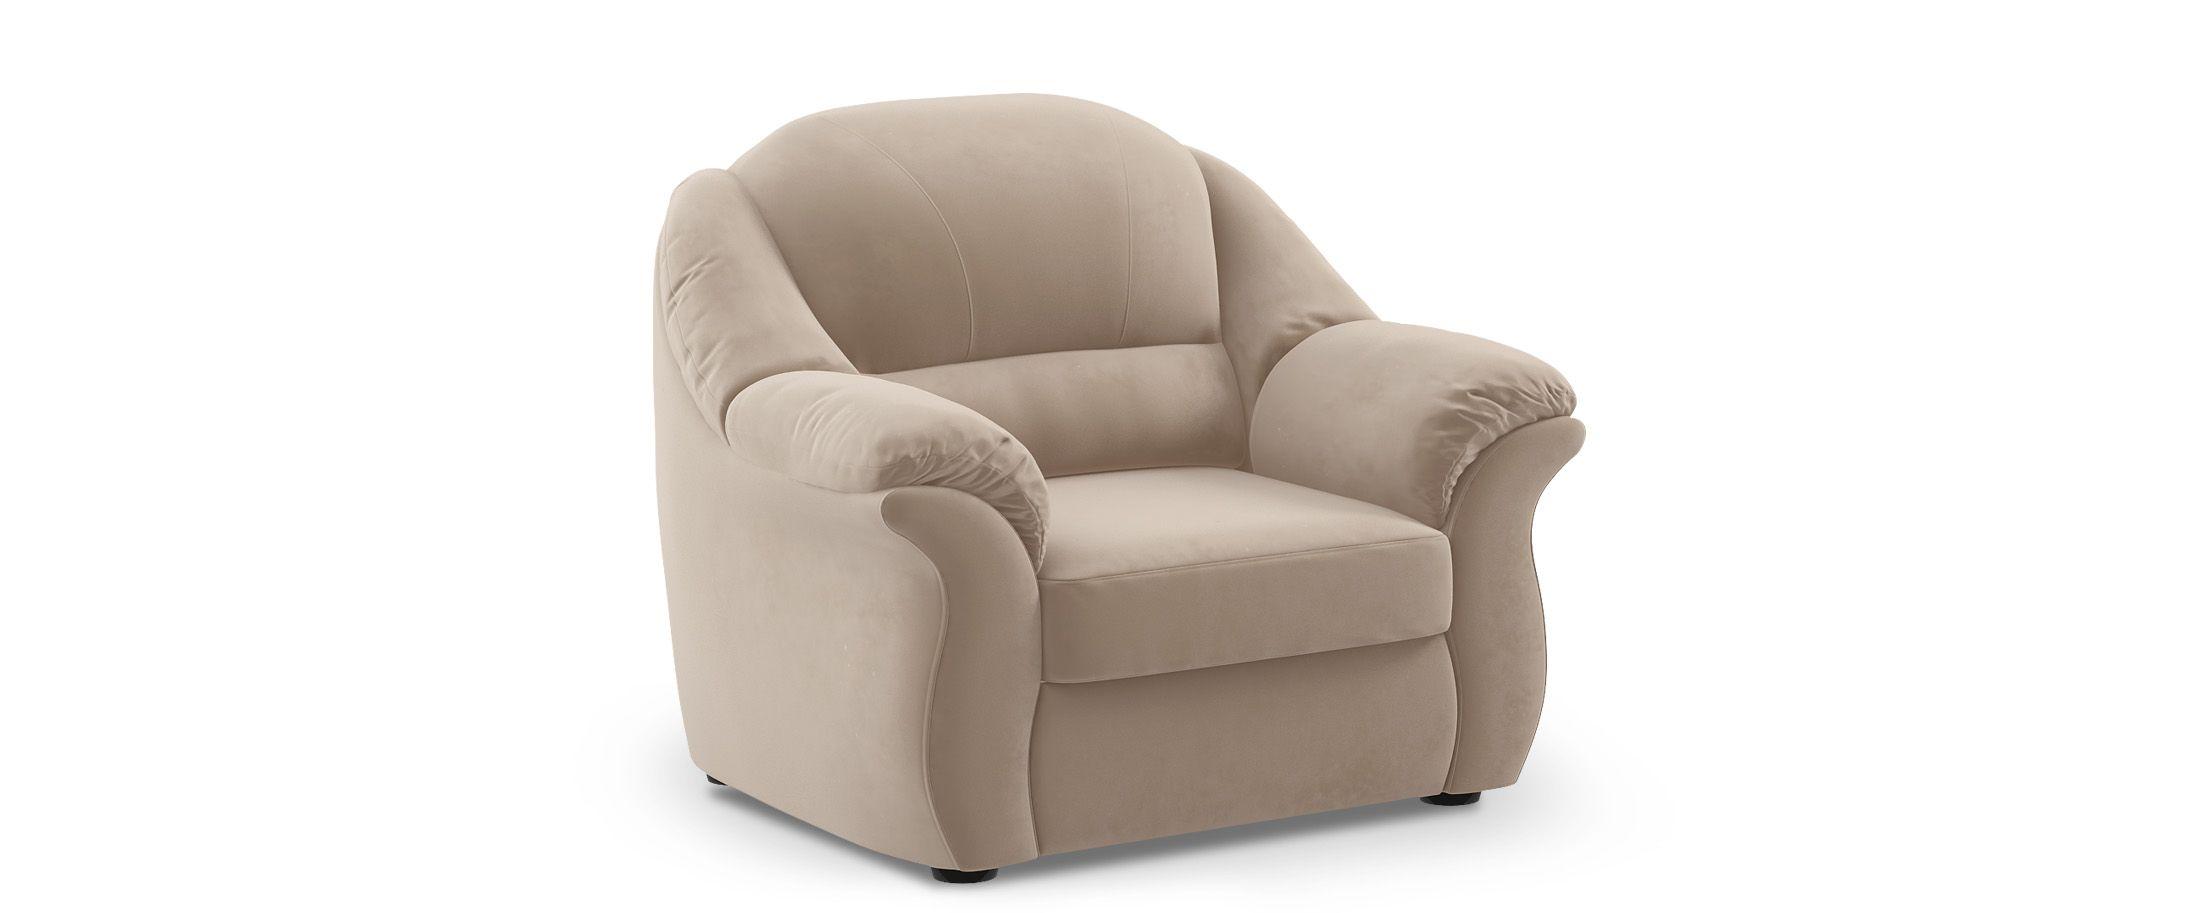 Кресло Бостон 017Купить бежевое кресло Бостон из флока от производителя. Доставка от 1 дня. Подъём, сборка, вынос упаковки. Гарантия 18 месяцев. Интернет-магазин мебели MOON TRADE.<br>